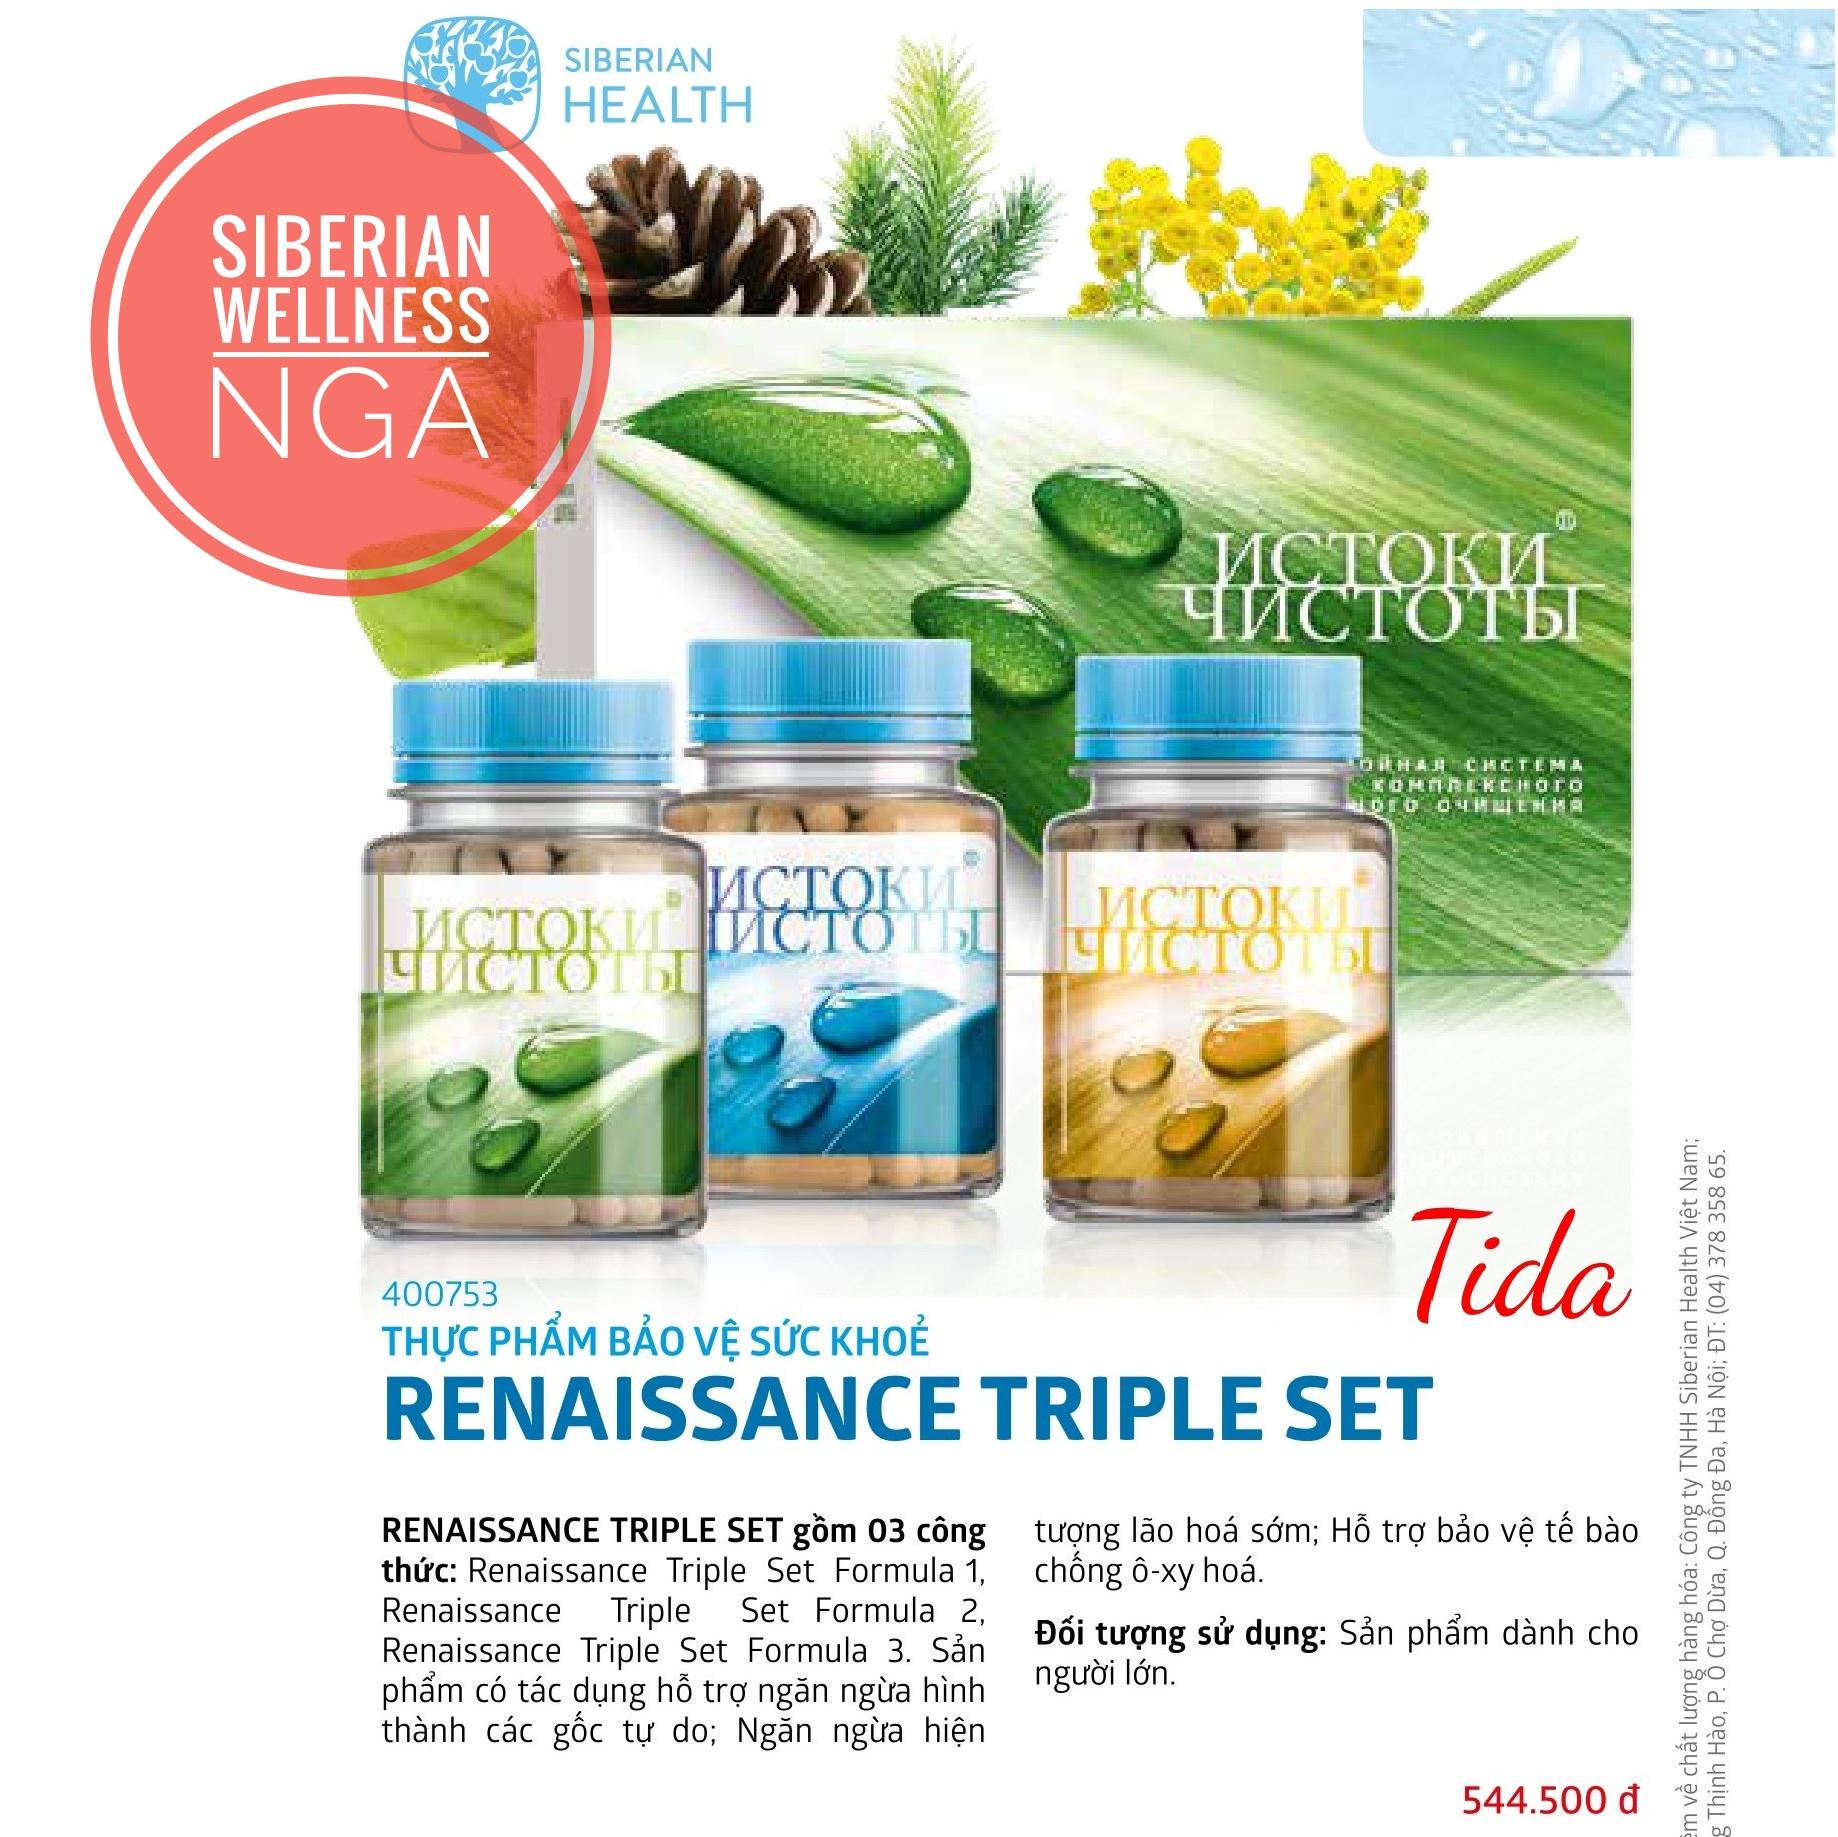 Renaissance Triple Set - Ngăn Ngừa Lão Hóa Sớm Từ Thảo Dược, Tăng Đề Kháng - Siberian Wellness - Xuất Xứ NGA cao cấp